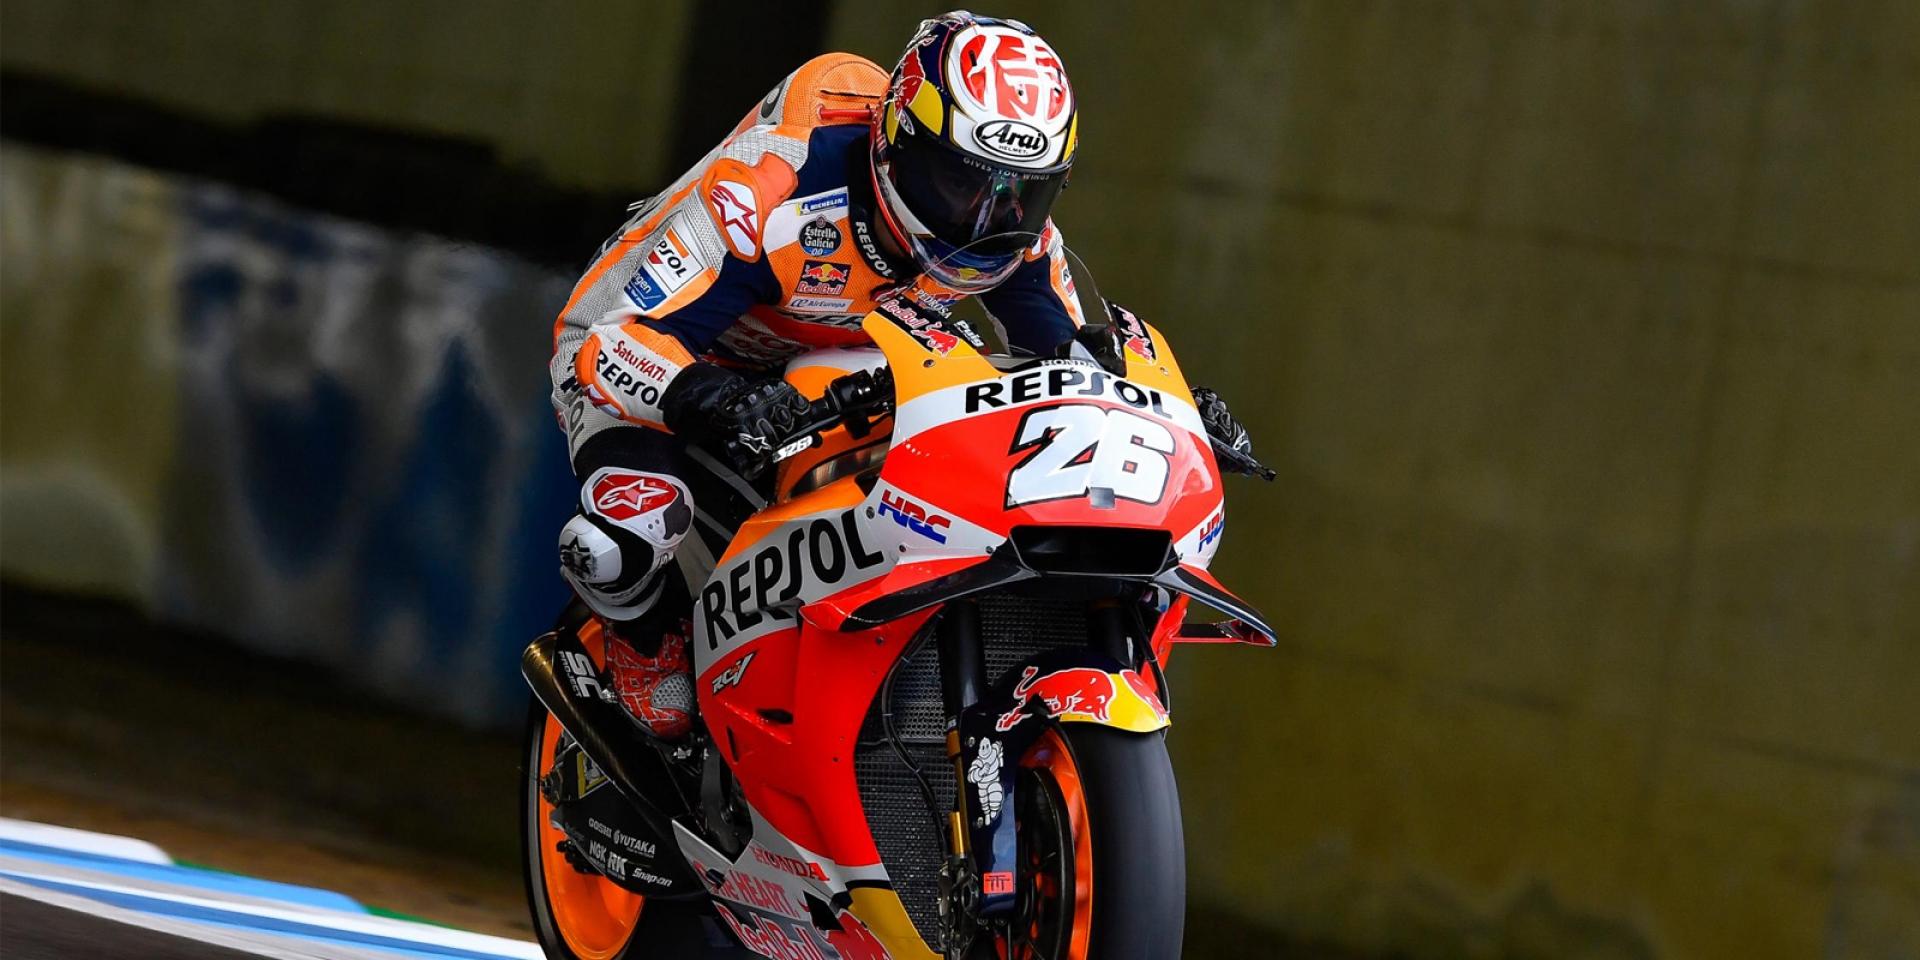 Dani Pedrosa與KTM簽下兩年合約。小武士加盟KTM橘色力量擔任測試車手!